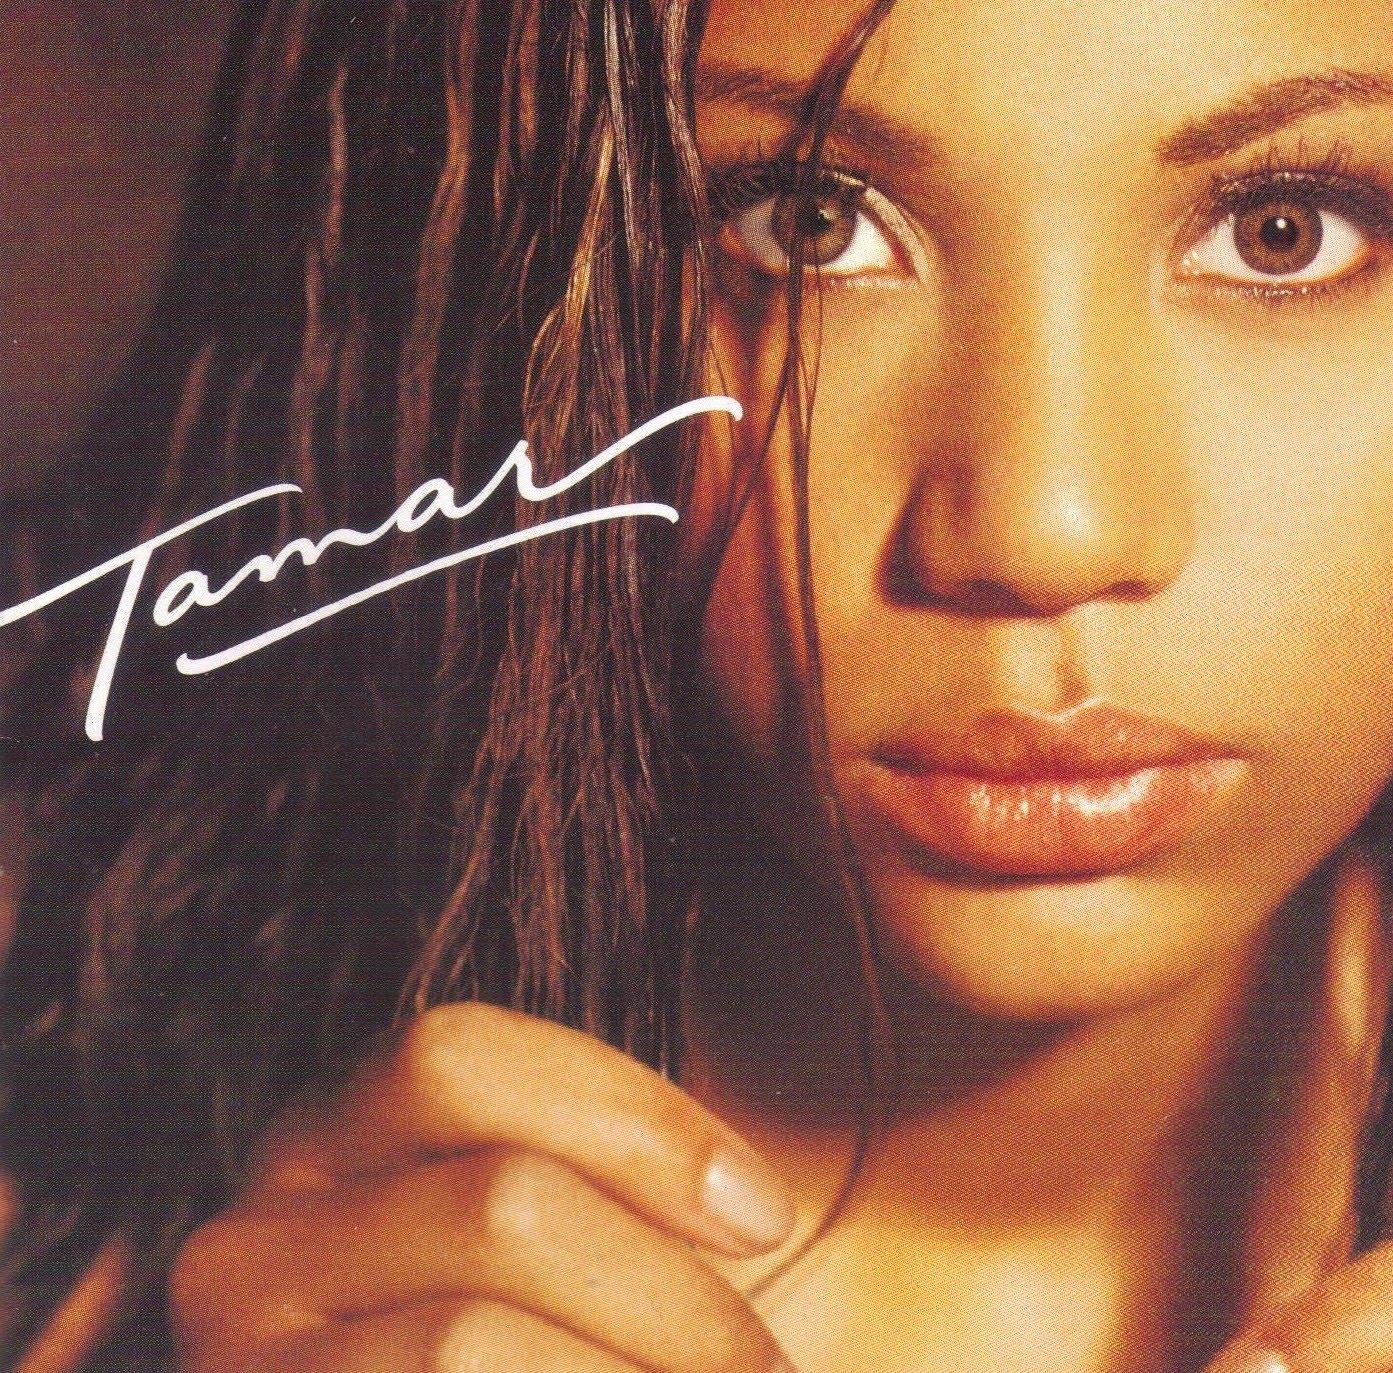 Toni braxton all in love is fair 6k pics for Tamar braxton tattoo